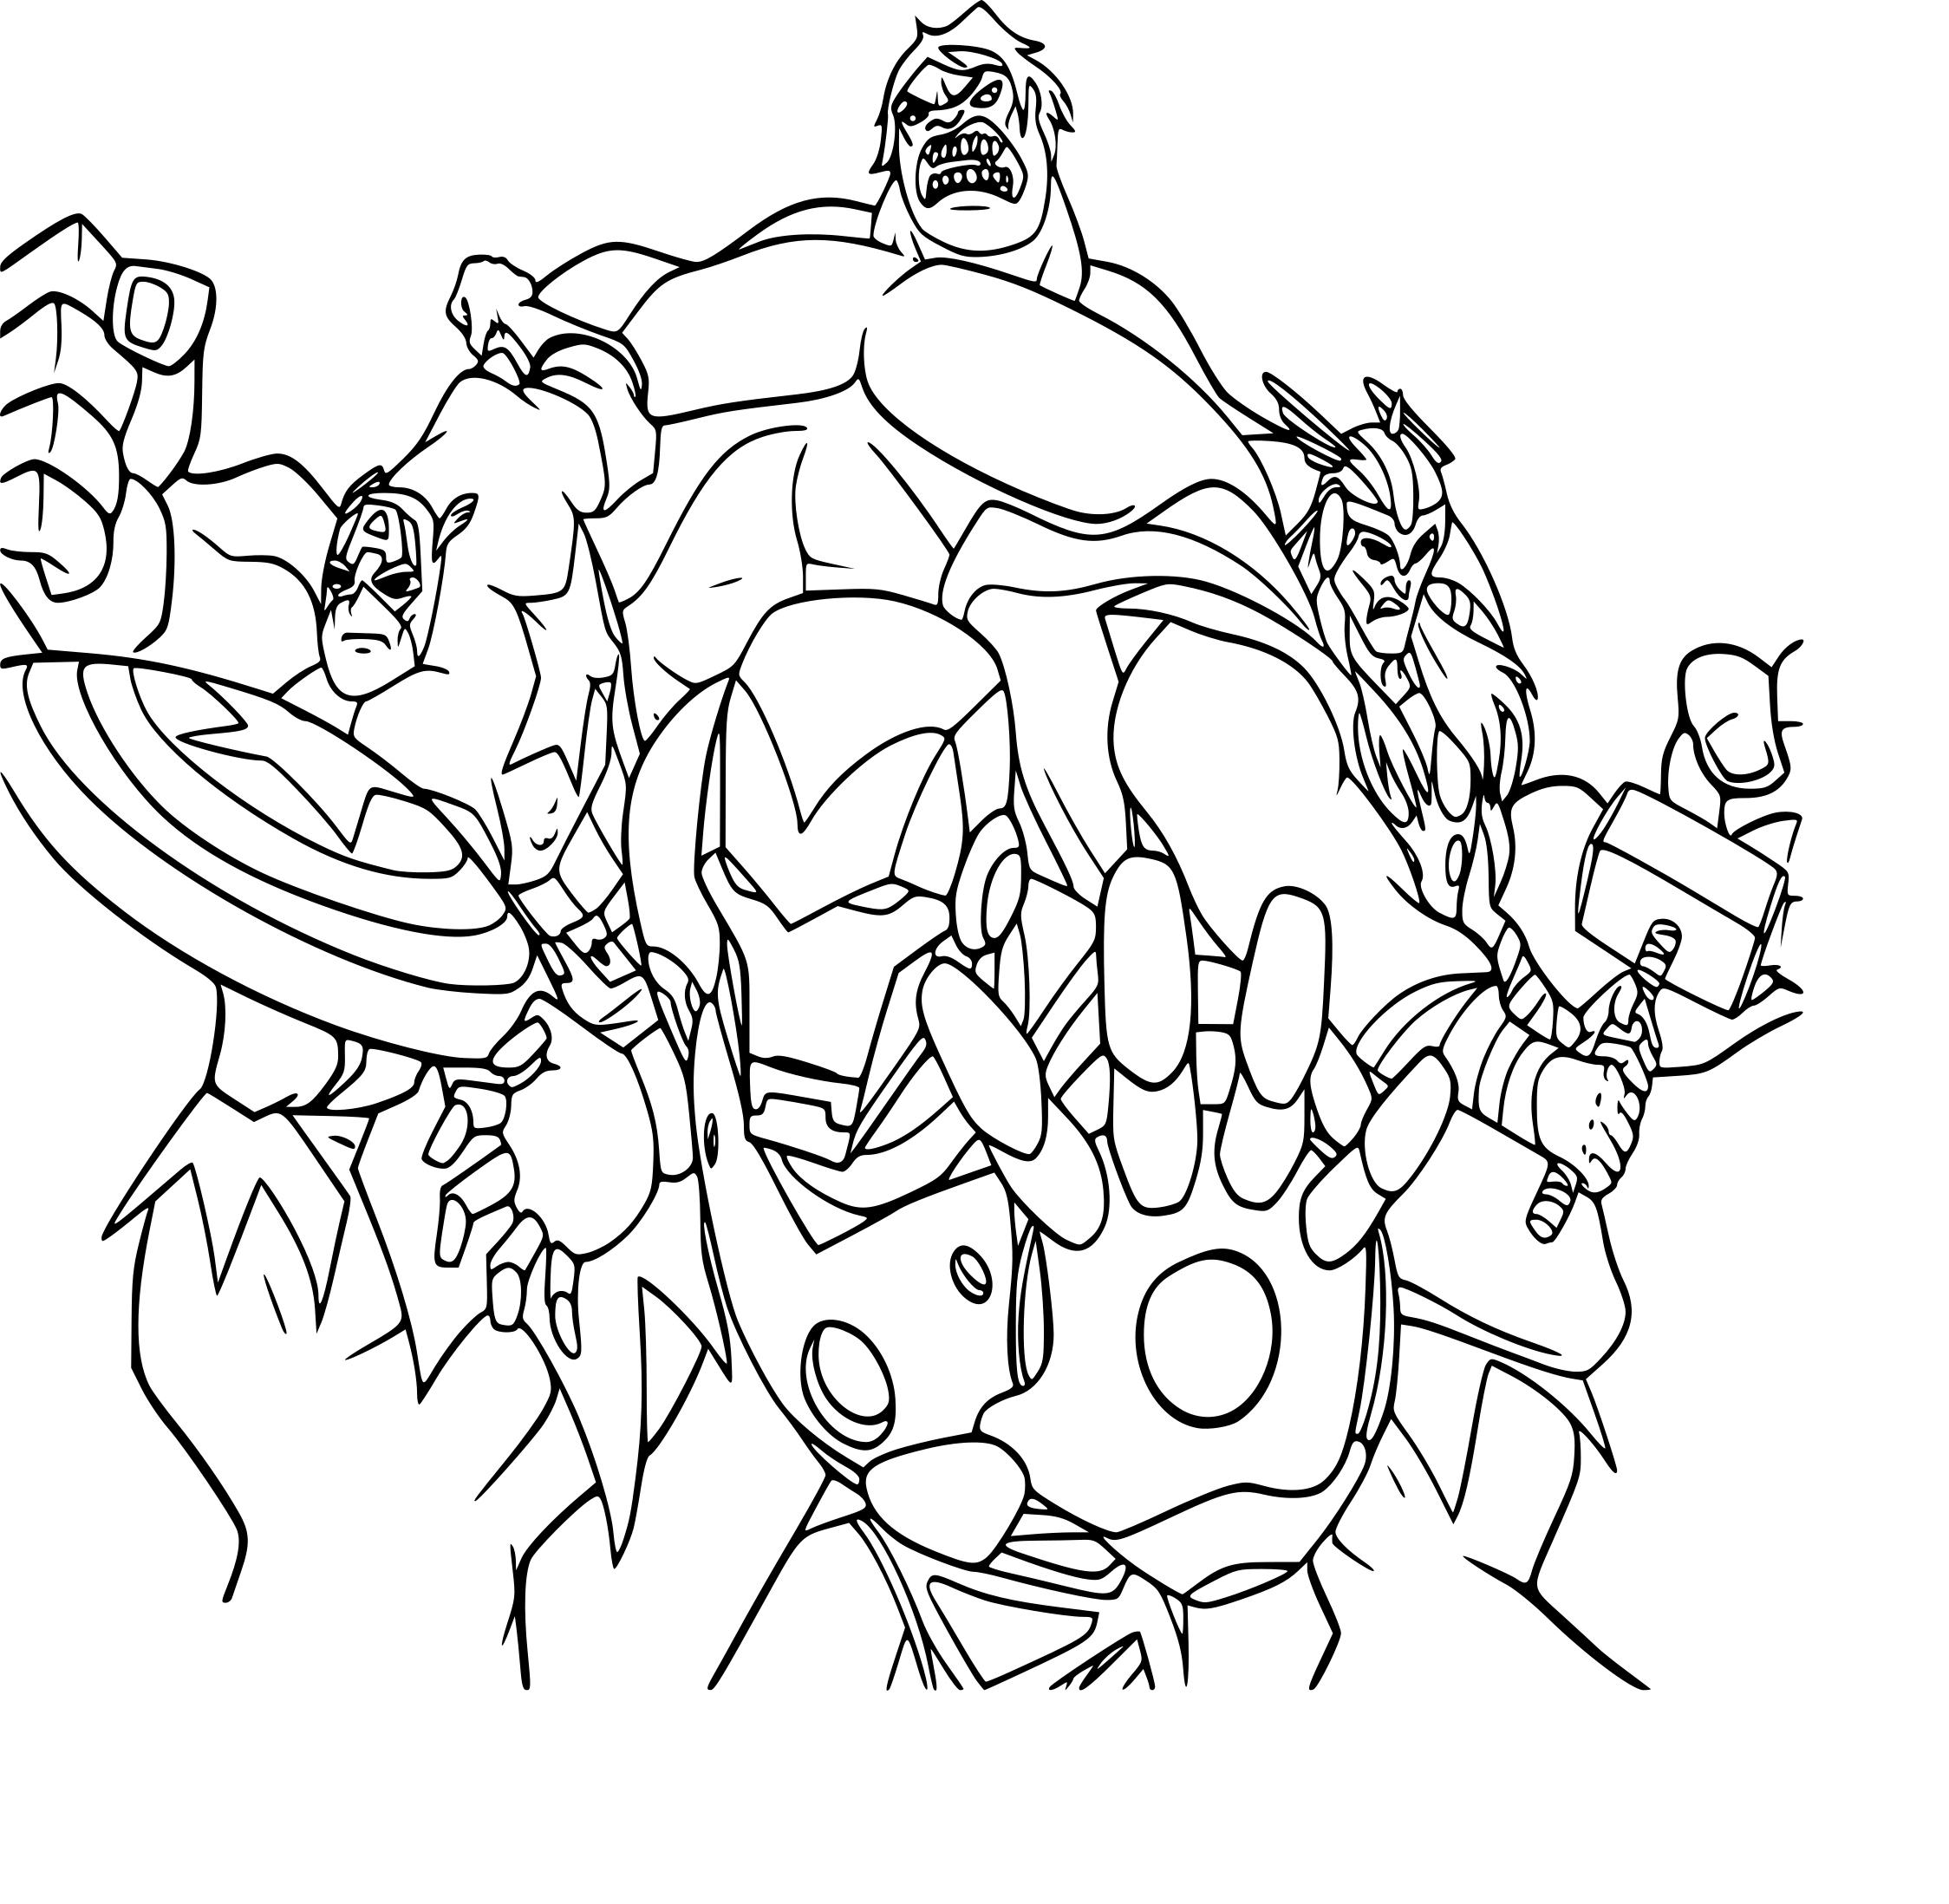 Coloriage Avengers Facile - Ohbq intérieur Coloriage Avangers